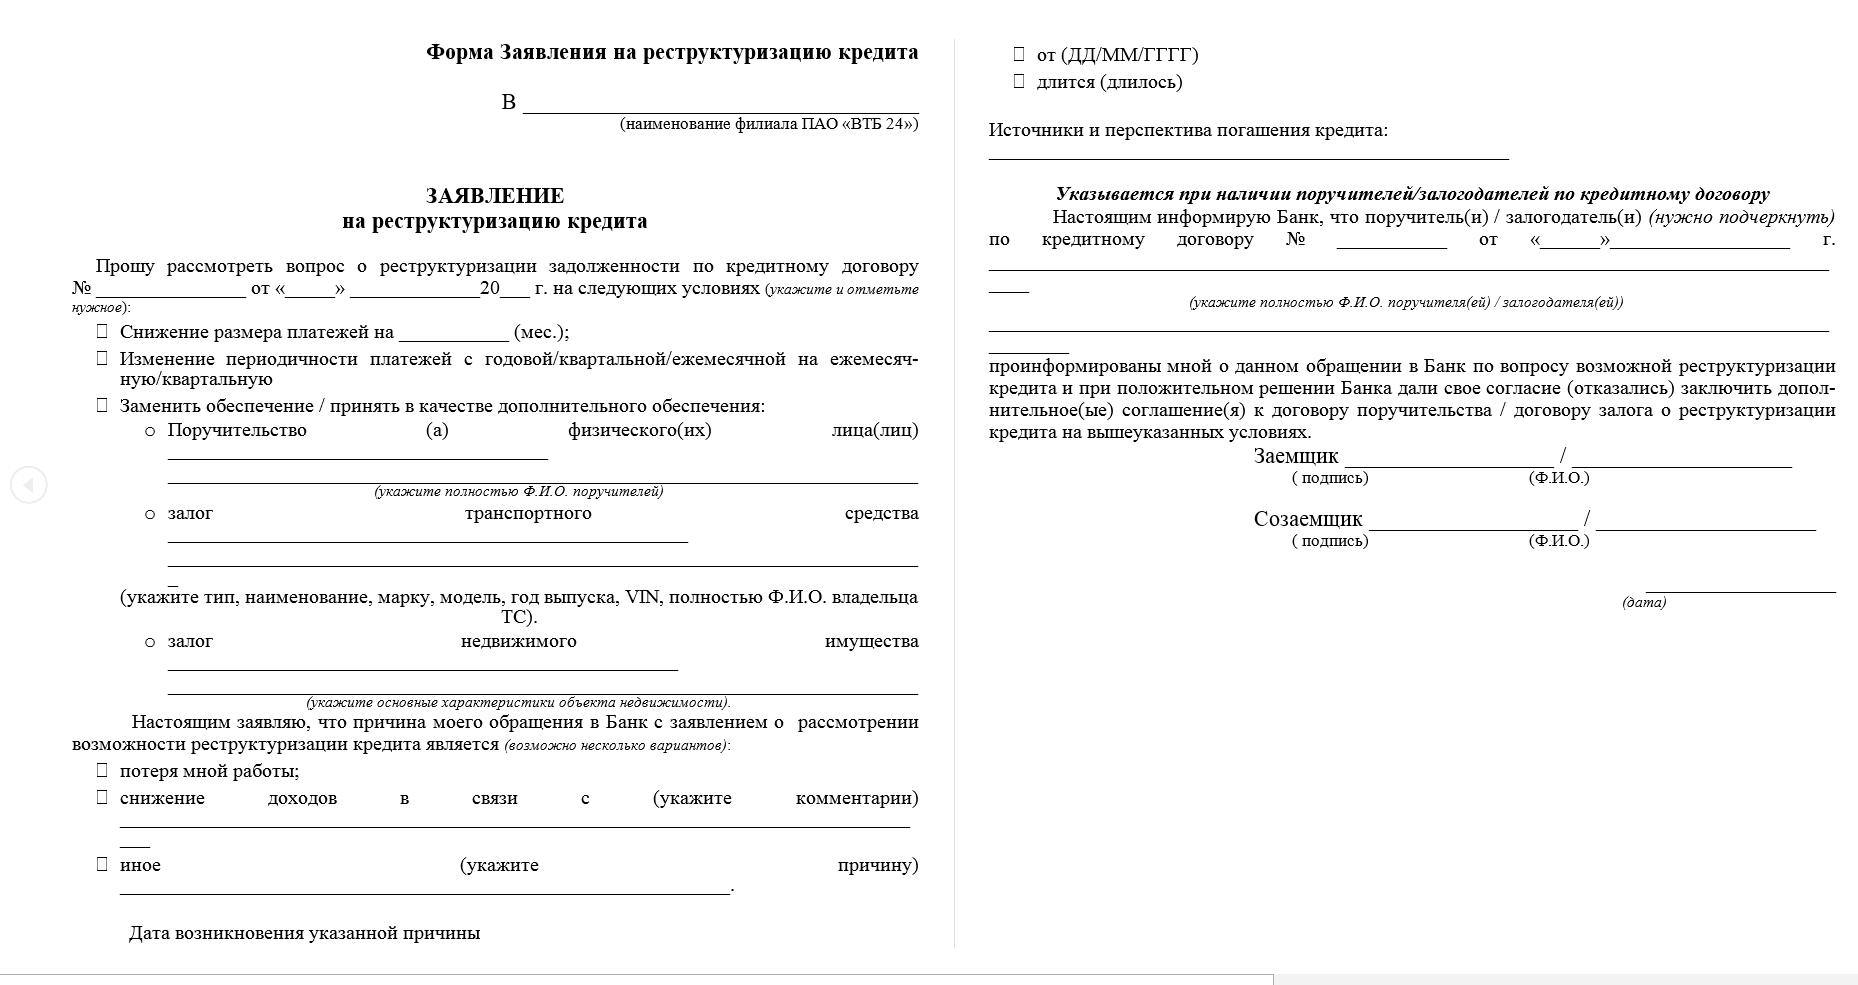 Изображение - Последствия неоплаты или несвоевременого внесения платежей по ипотеке 535a29637a984826bcc33ec3183212cc